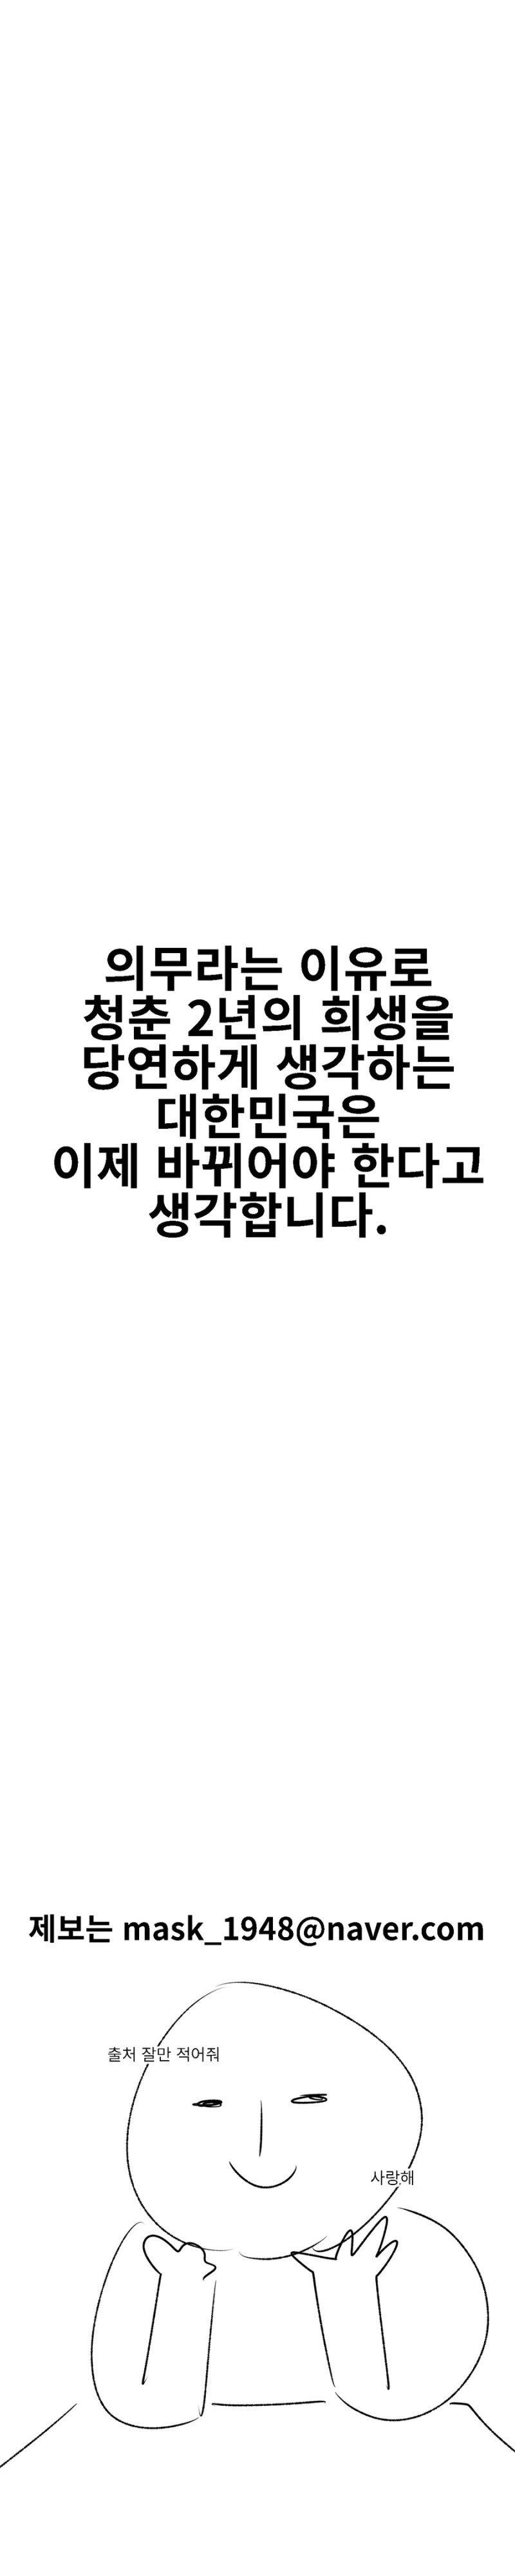 viewimage.php?id=2ebcc232eadd36&no=24b0d769e1d32ca73fec8efa11d02831835273132ddd61d36cf614d09c48d54ca5758acce3fefd1896b9a432c0a460c673ed275f651a38d509e96abebf440740b7c68deb99692b730e33383963d543630c8b9e63606601199014c423a838f130bf20d36abdd7c2a8